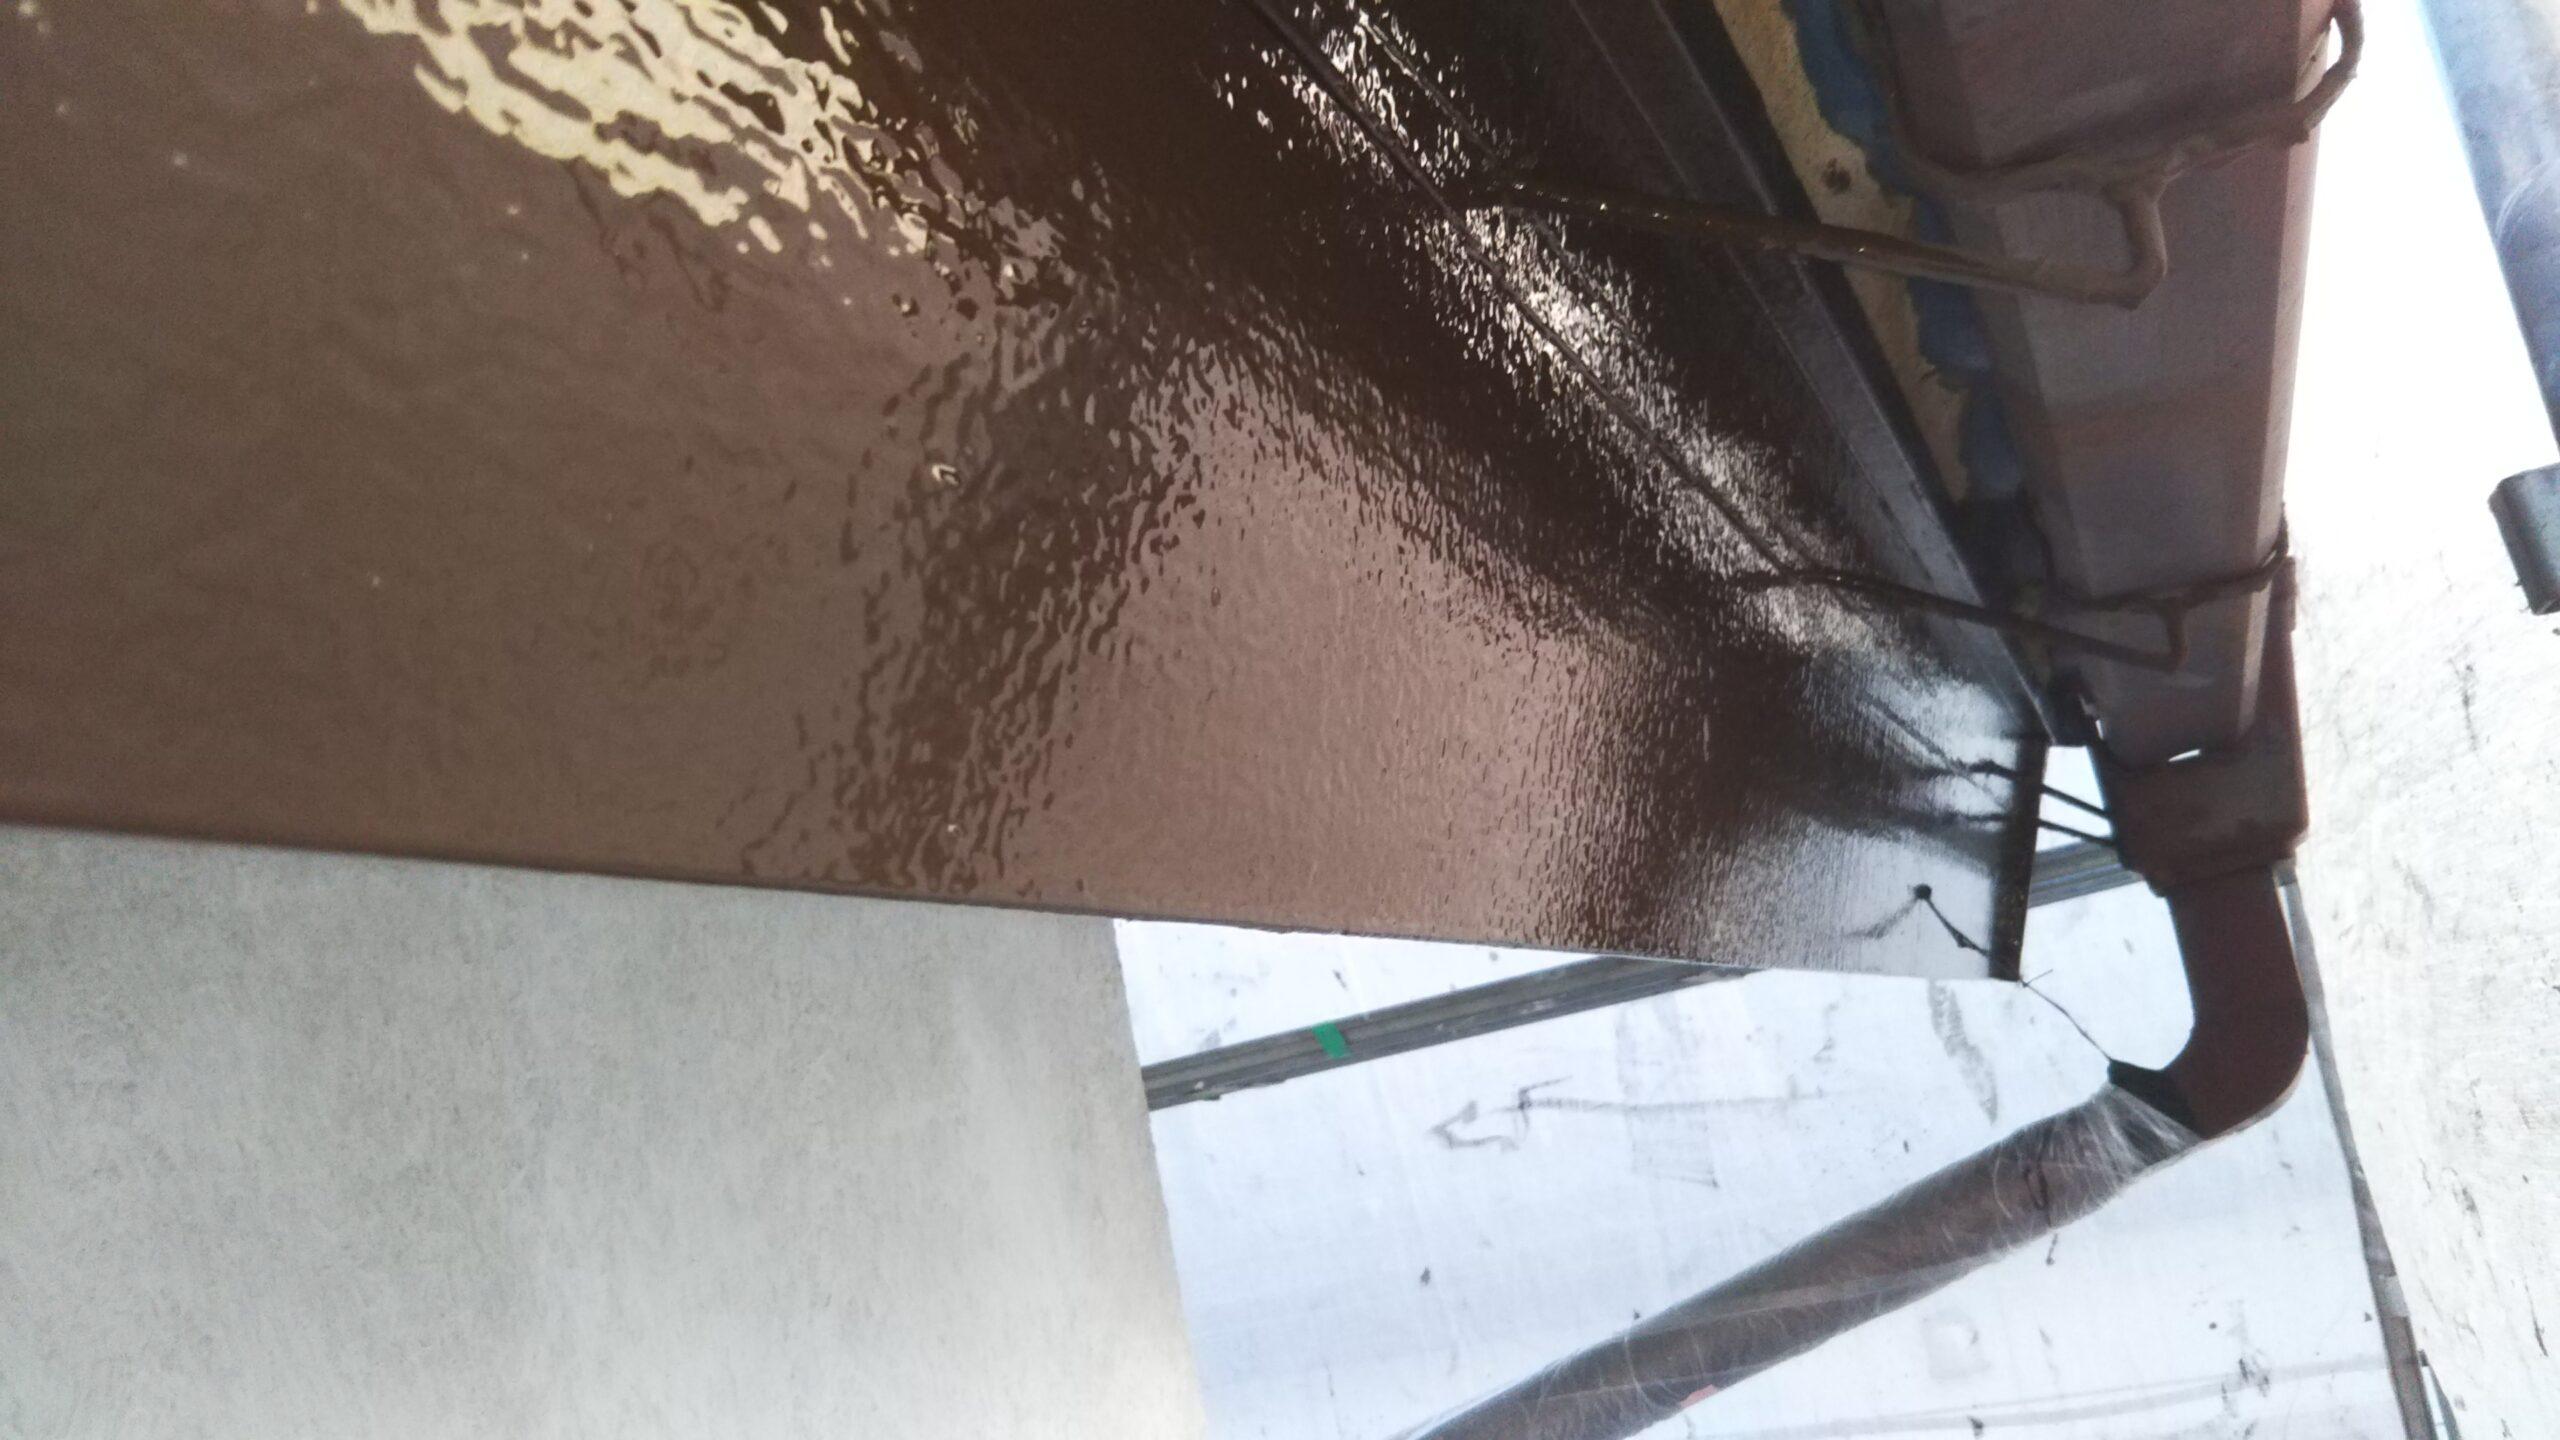 埼玉県さいたま市岩槻区のN様邸(木造2階建て)にて軒・破風・軒樋の仕上げ塗装